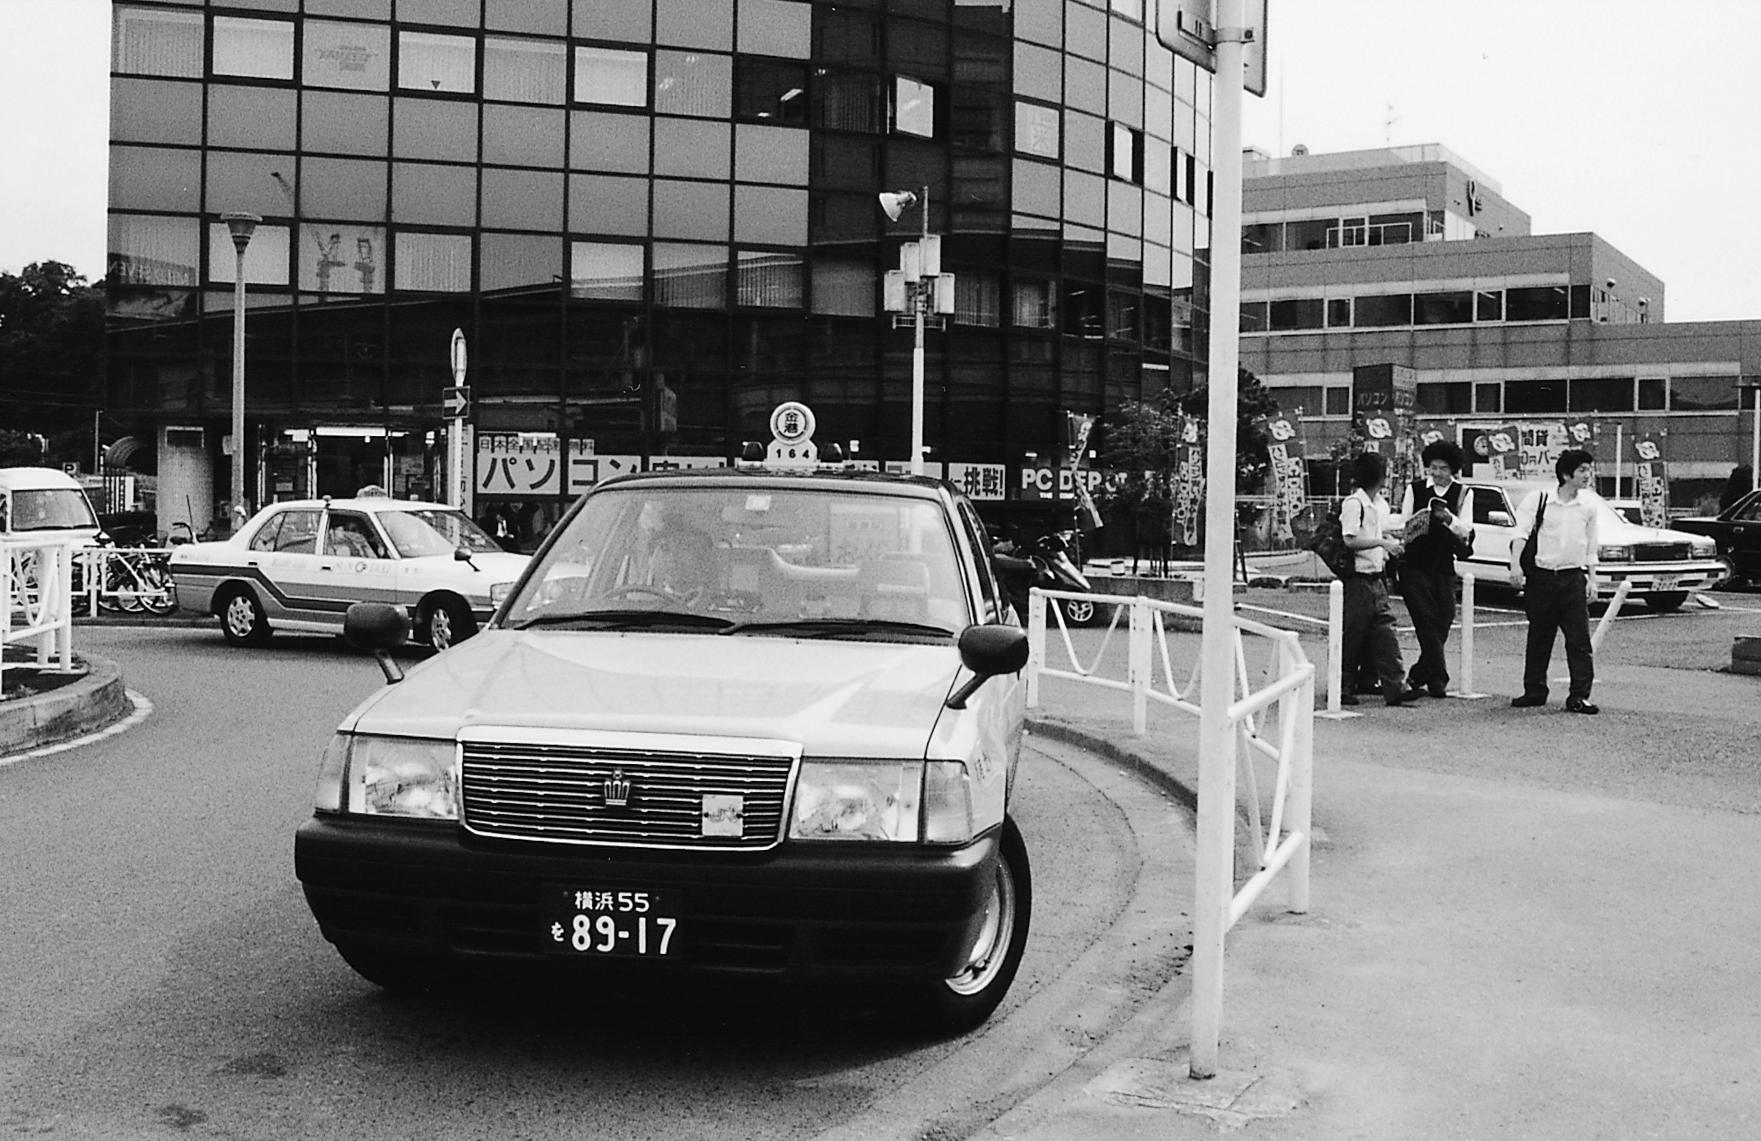 ベージュの車体が目印の金港交通㈱のタクシー